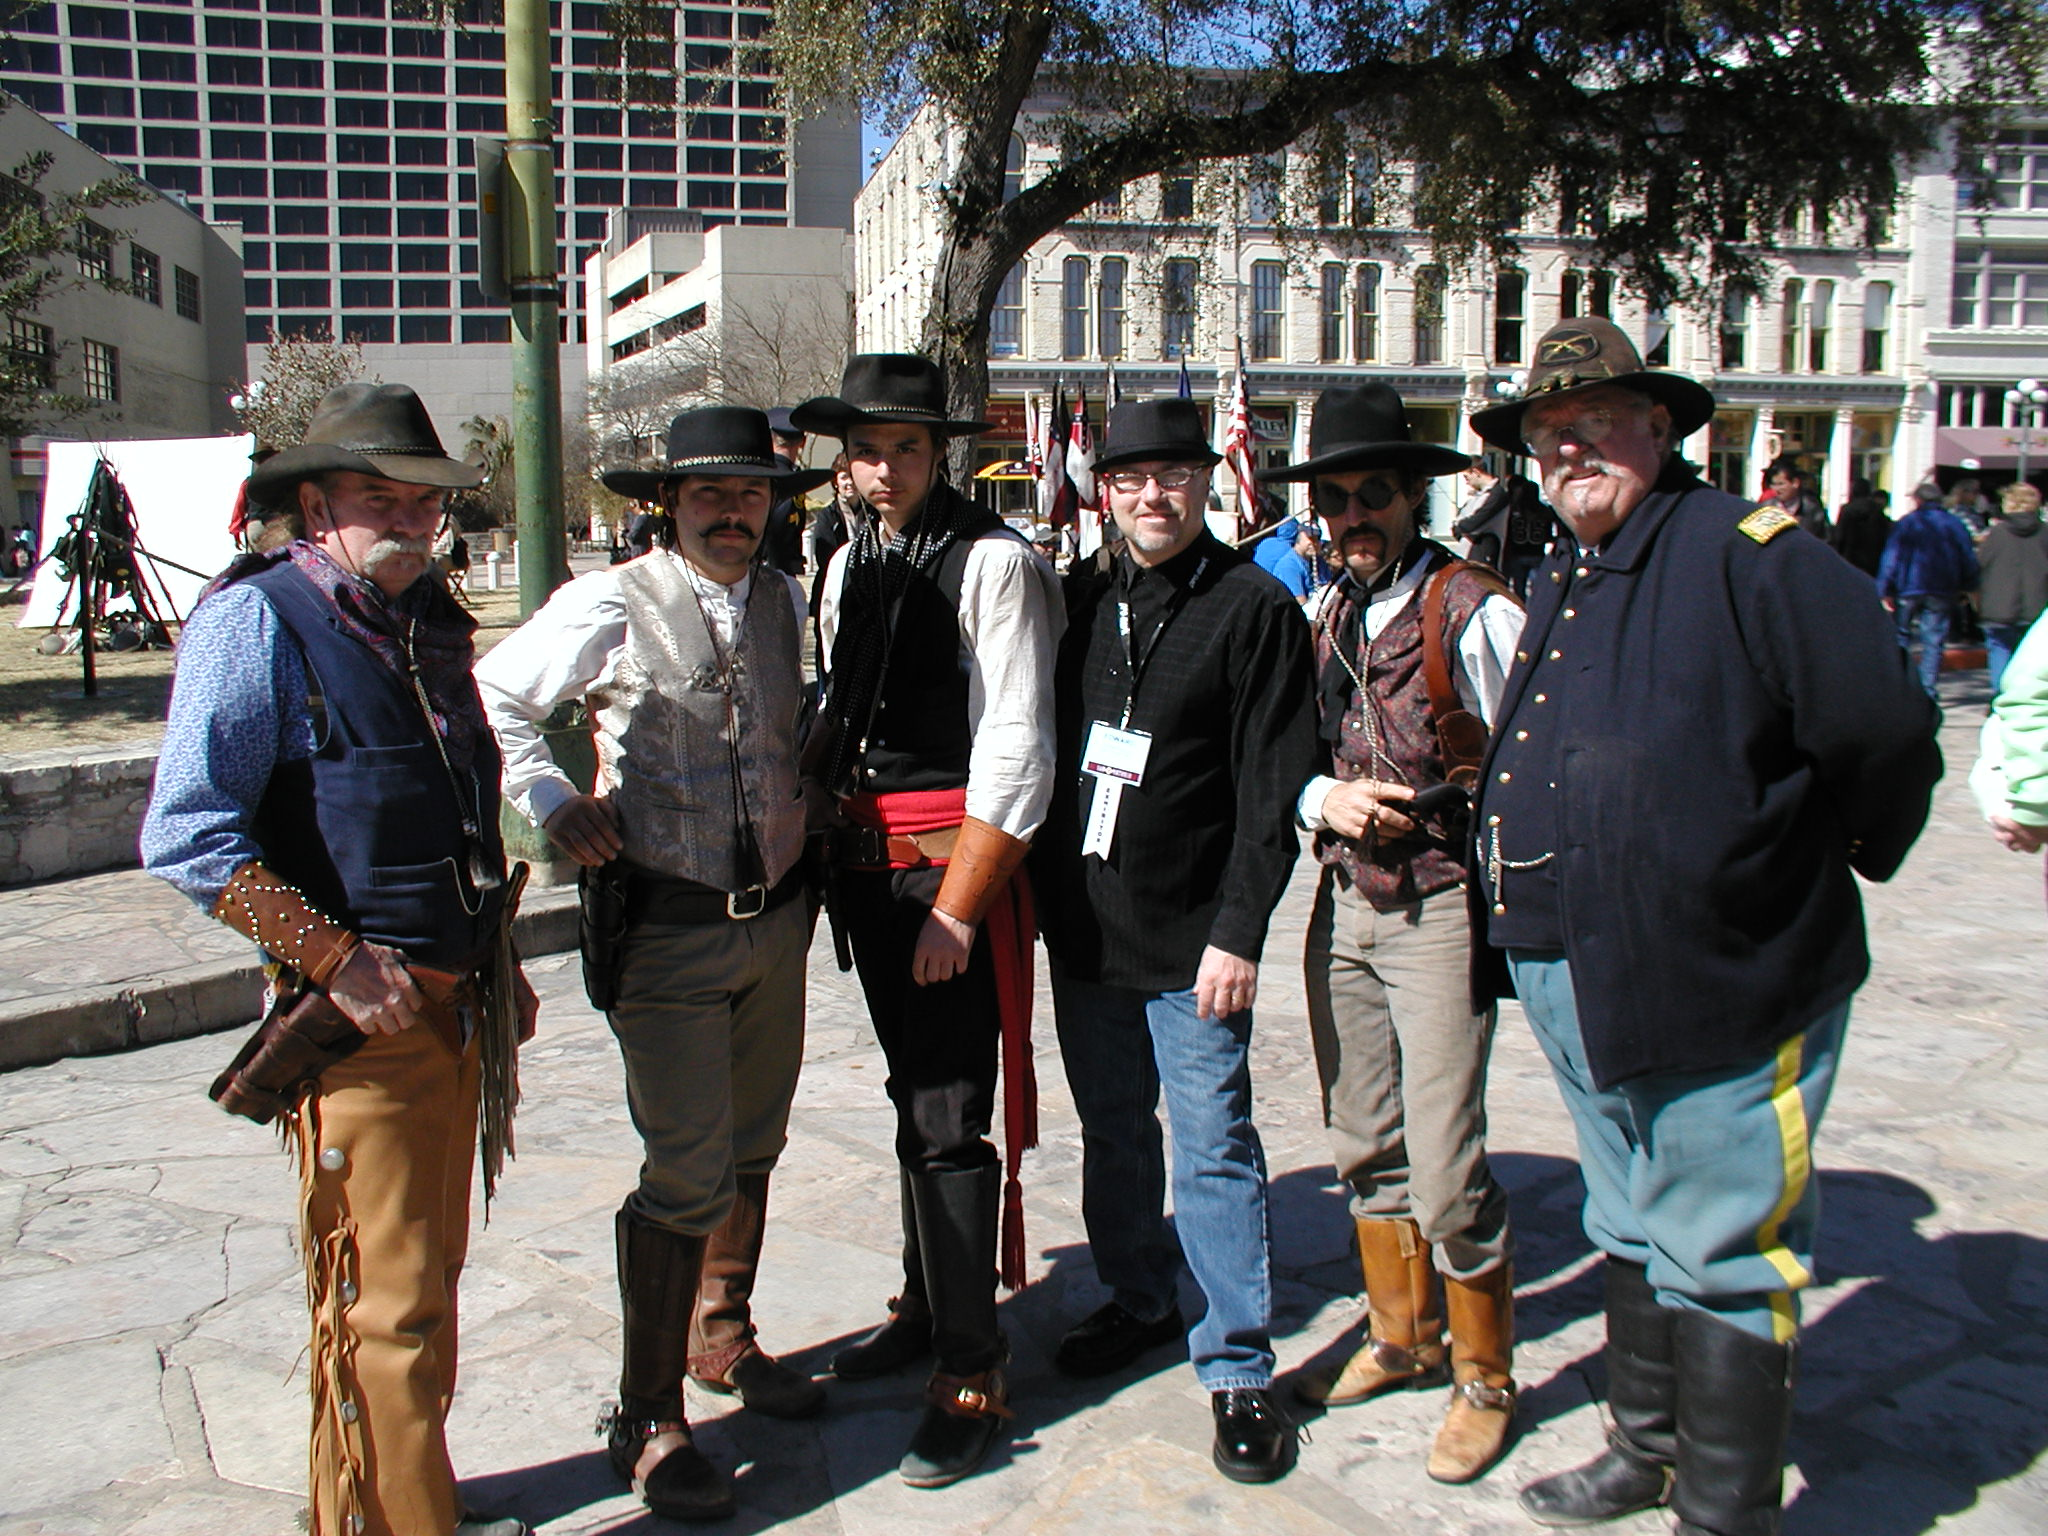 Outside the Alamo with a few bandito buddies, 2011